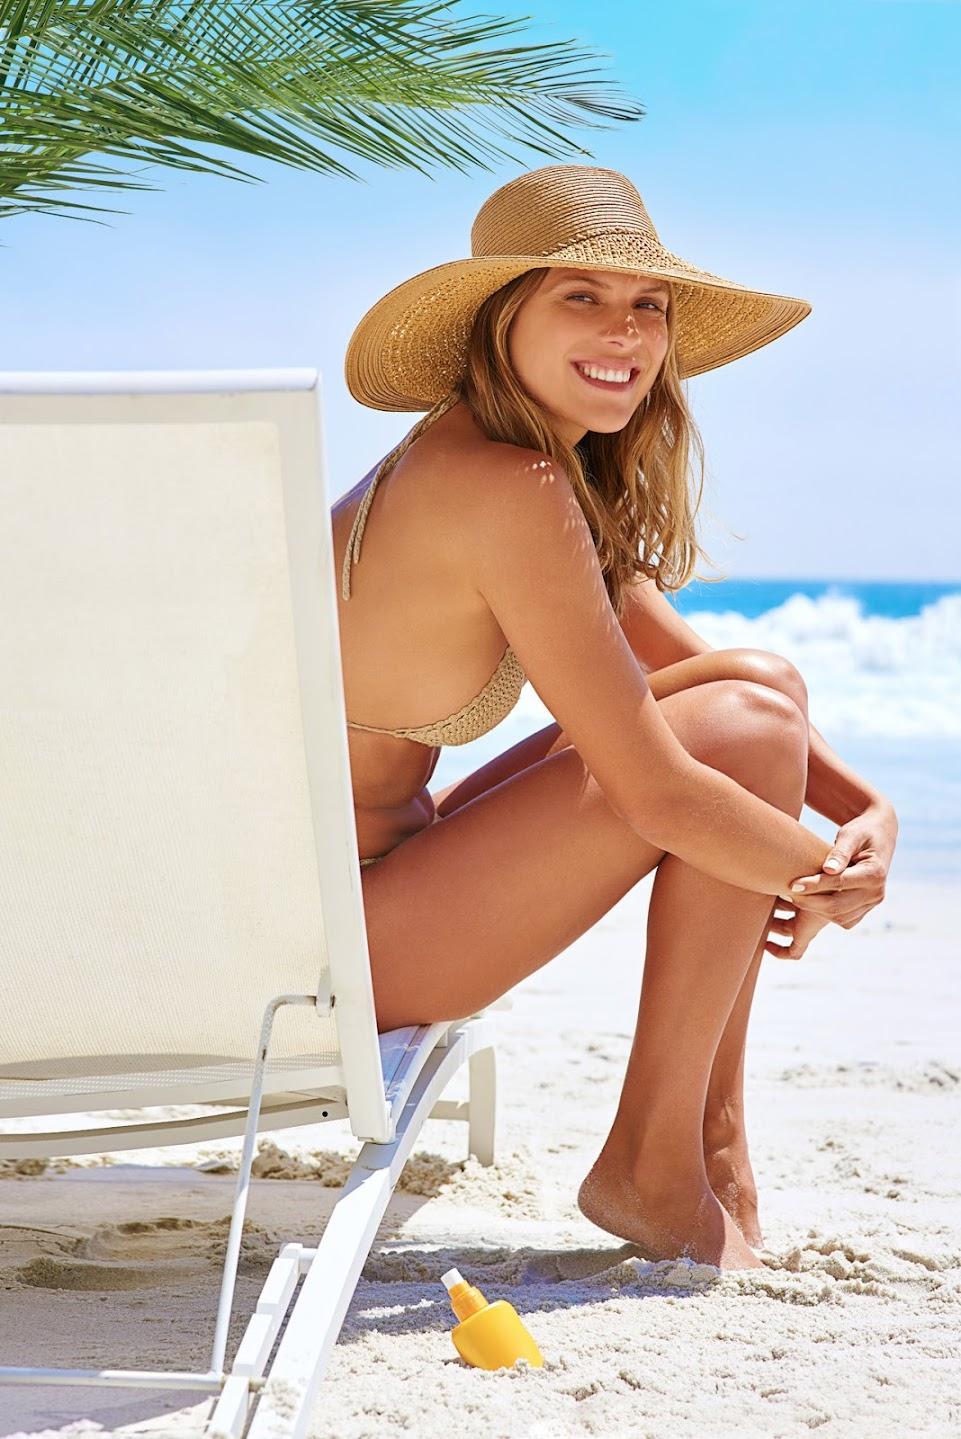 préparer sa peau au soleil pour bien bronzer avant les vacances